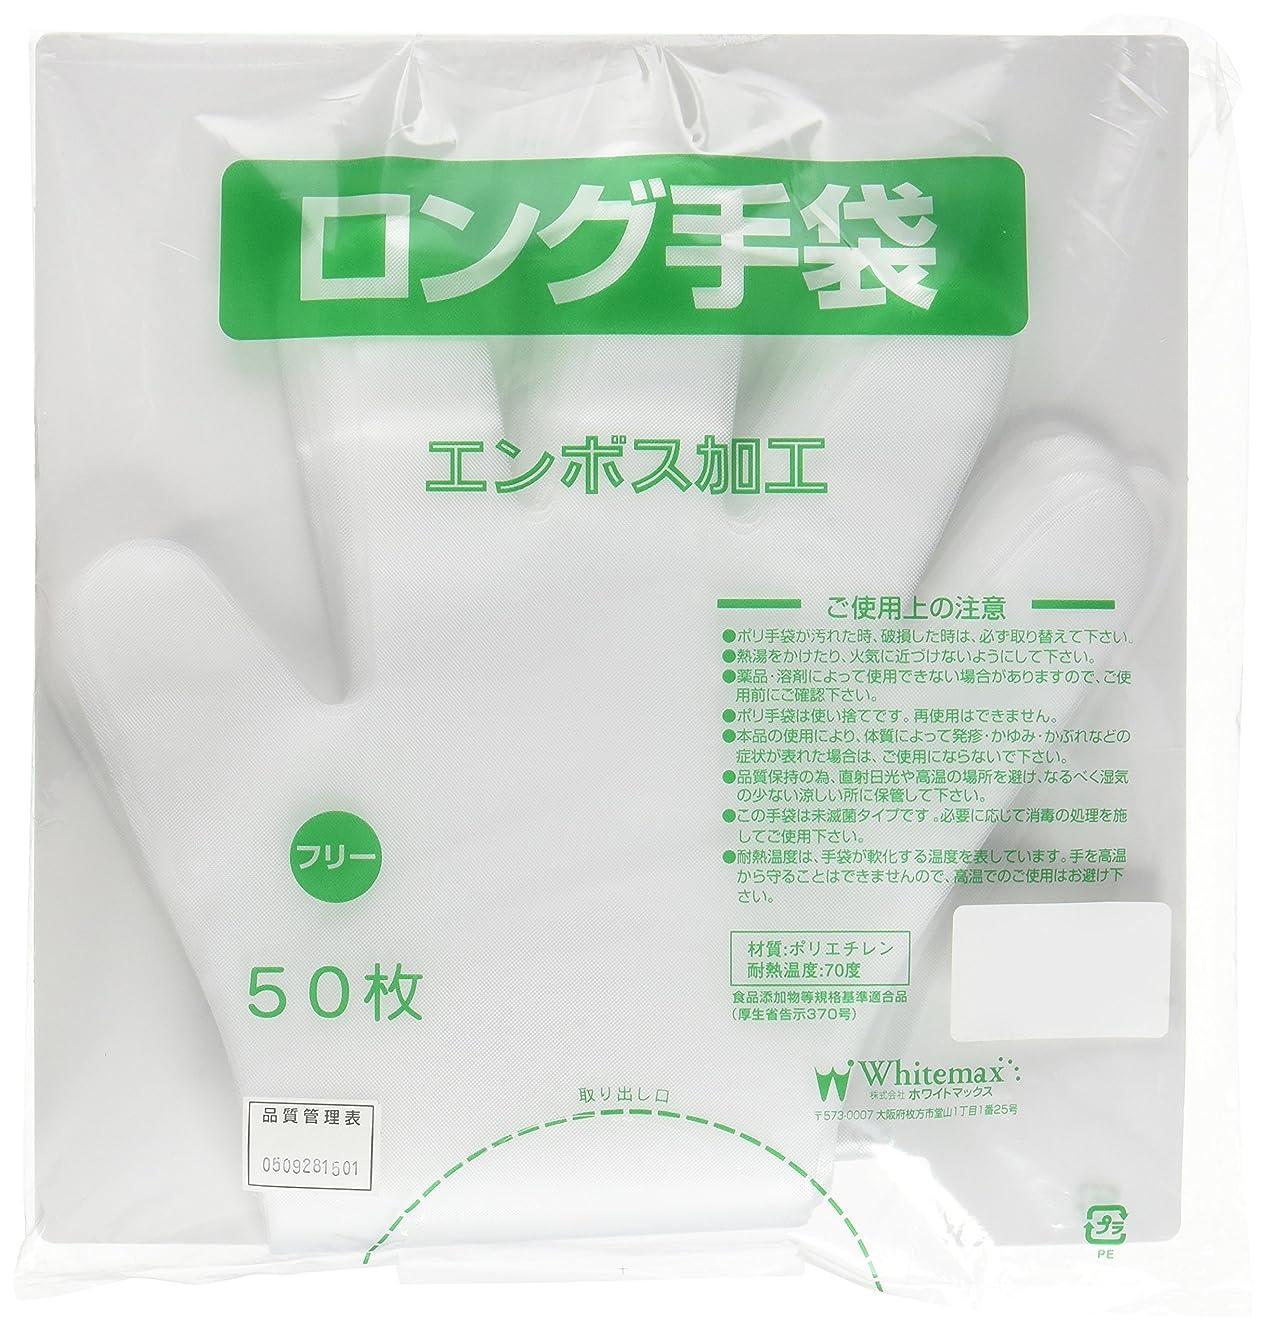 銅韓国語アナニバーホワイトマックス エンボスロング手袋 そでゴム無し 50枚入 TP-11